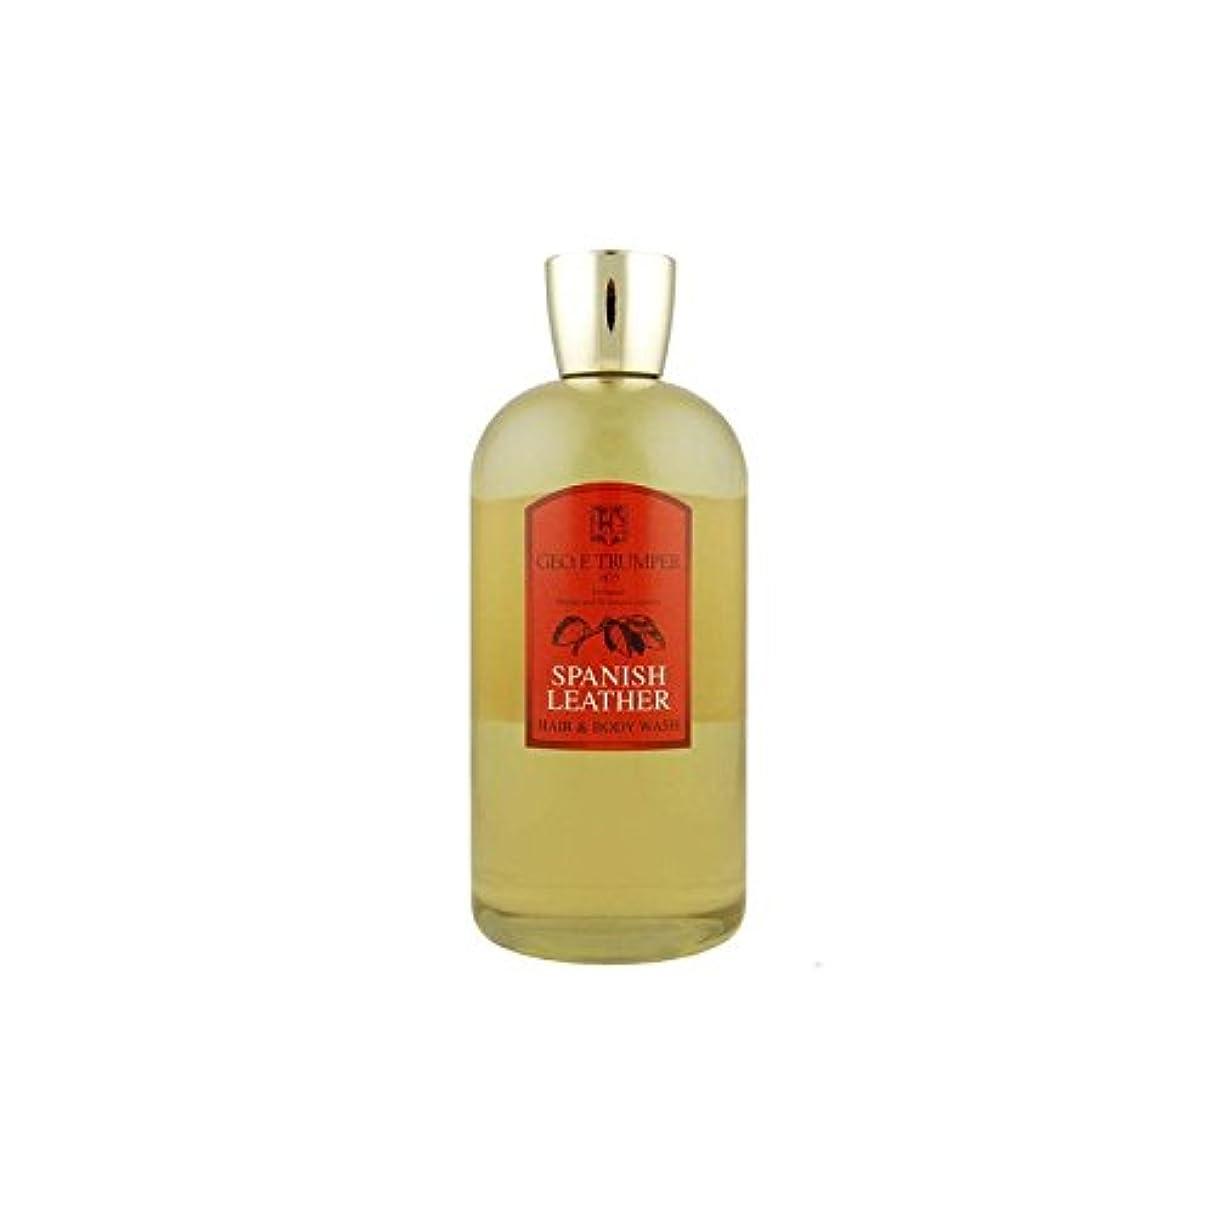 メロン居眠りする誇りに思う革の髪とボディウォッシュスペイン語 - 500ボトル x2 - Trumpers Spanish Leather Hair and Body Wash - 500mlTravel Bottle (Pack of 2) [並行輸入品]